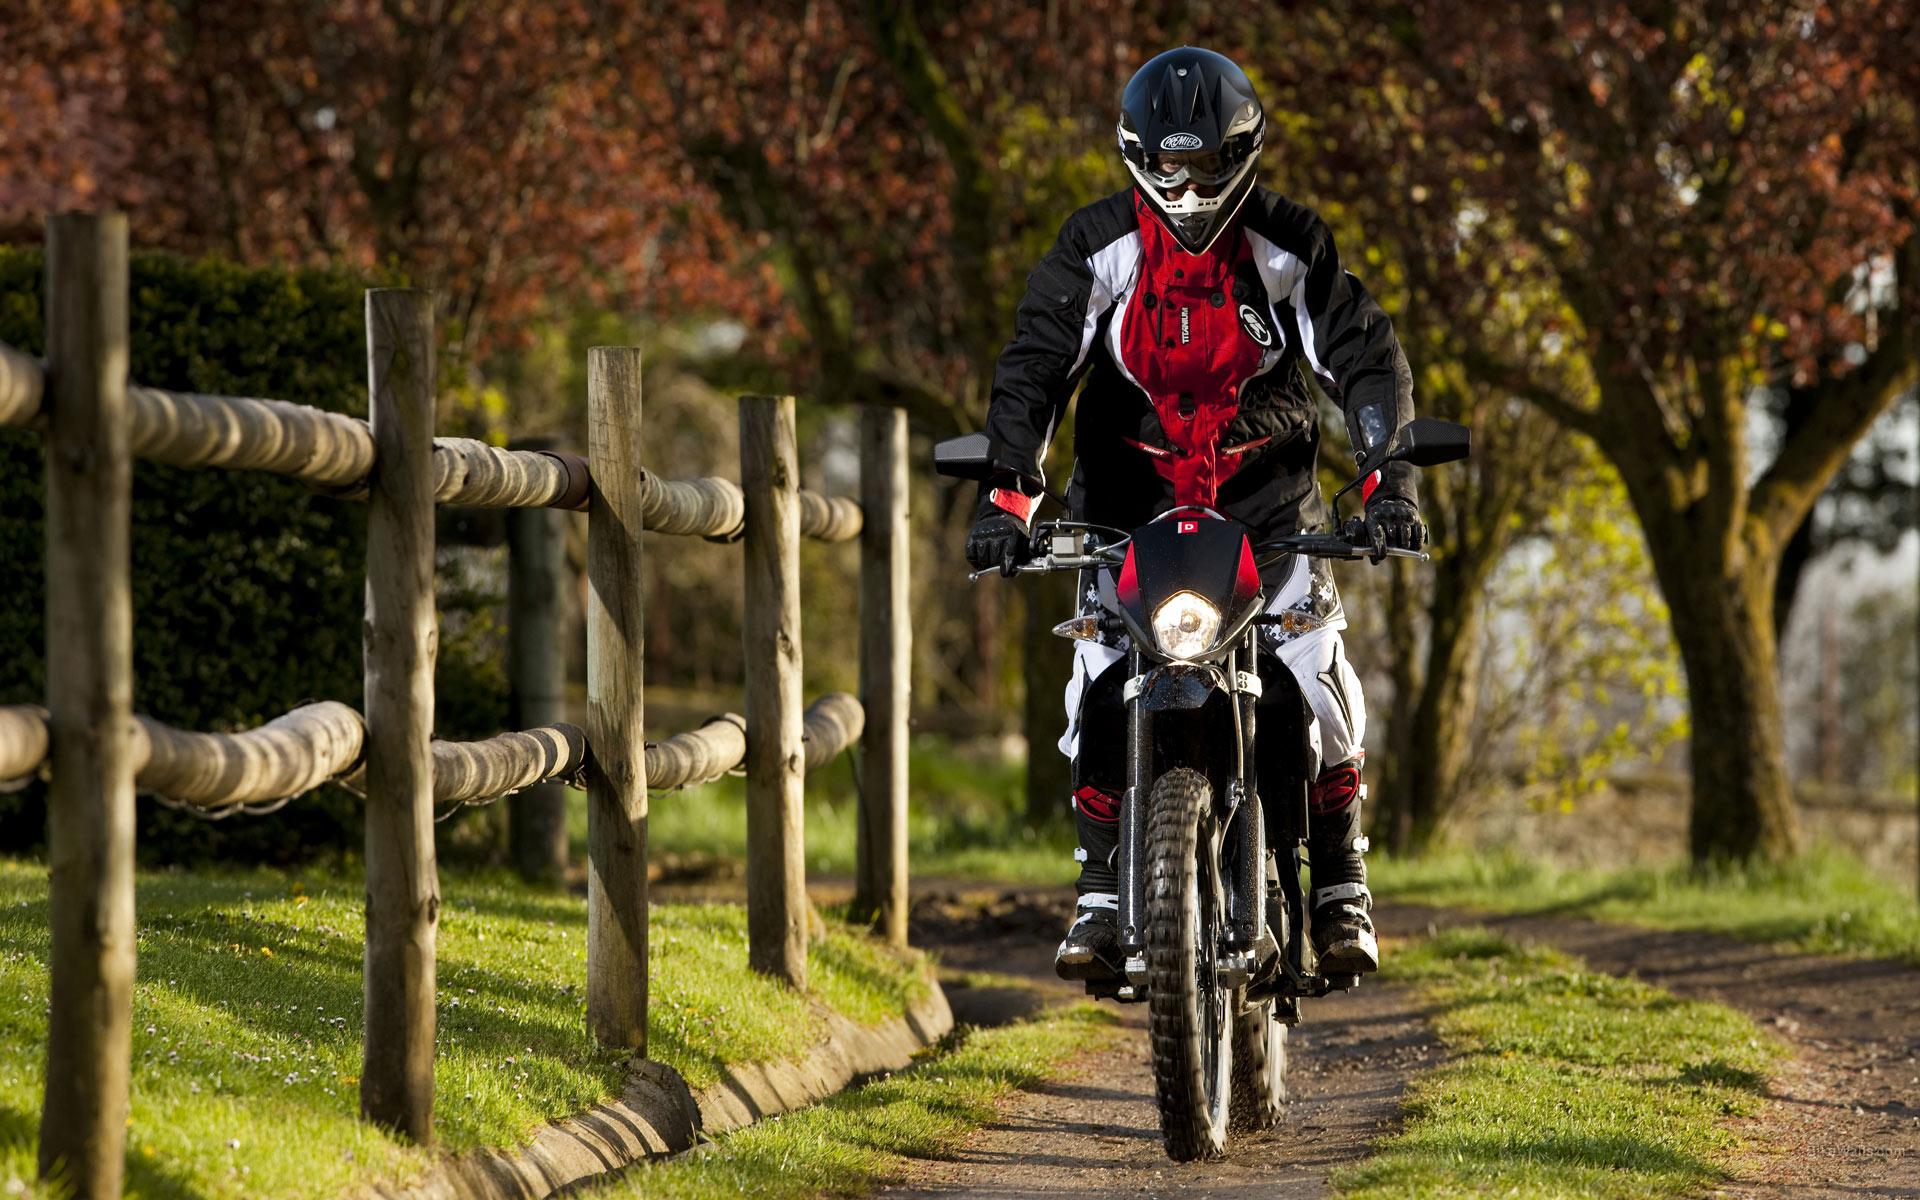 мотоциклист, мотоцикл, шлем